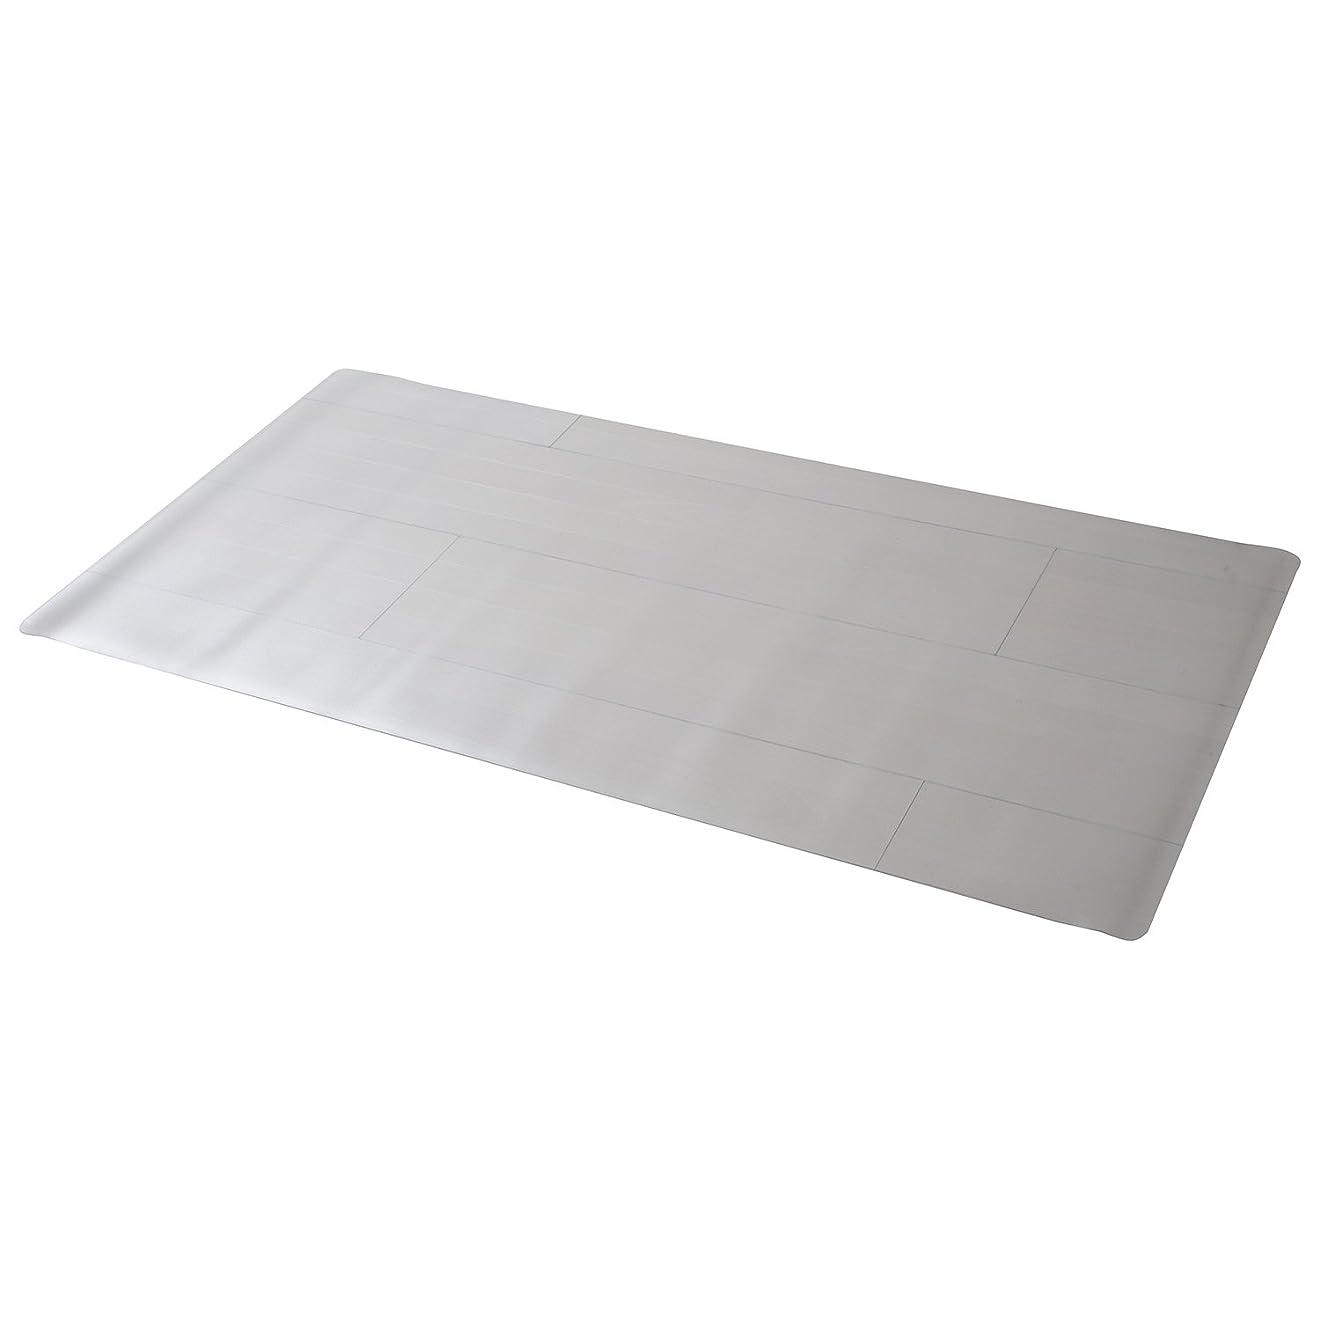 瞑想する艶に山善(YAMAZEN) チェアマット 180×90cm 1.5mm厚 クリア CFM-180